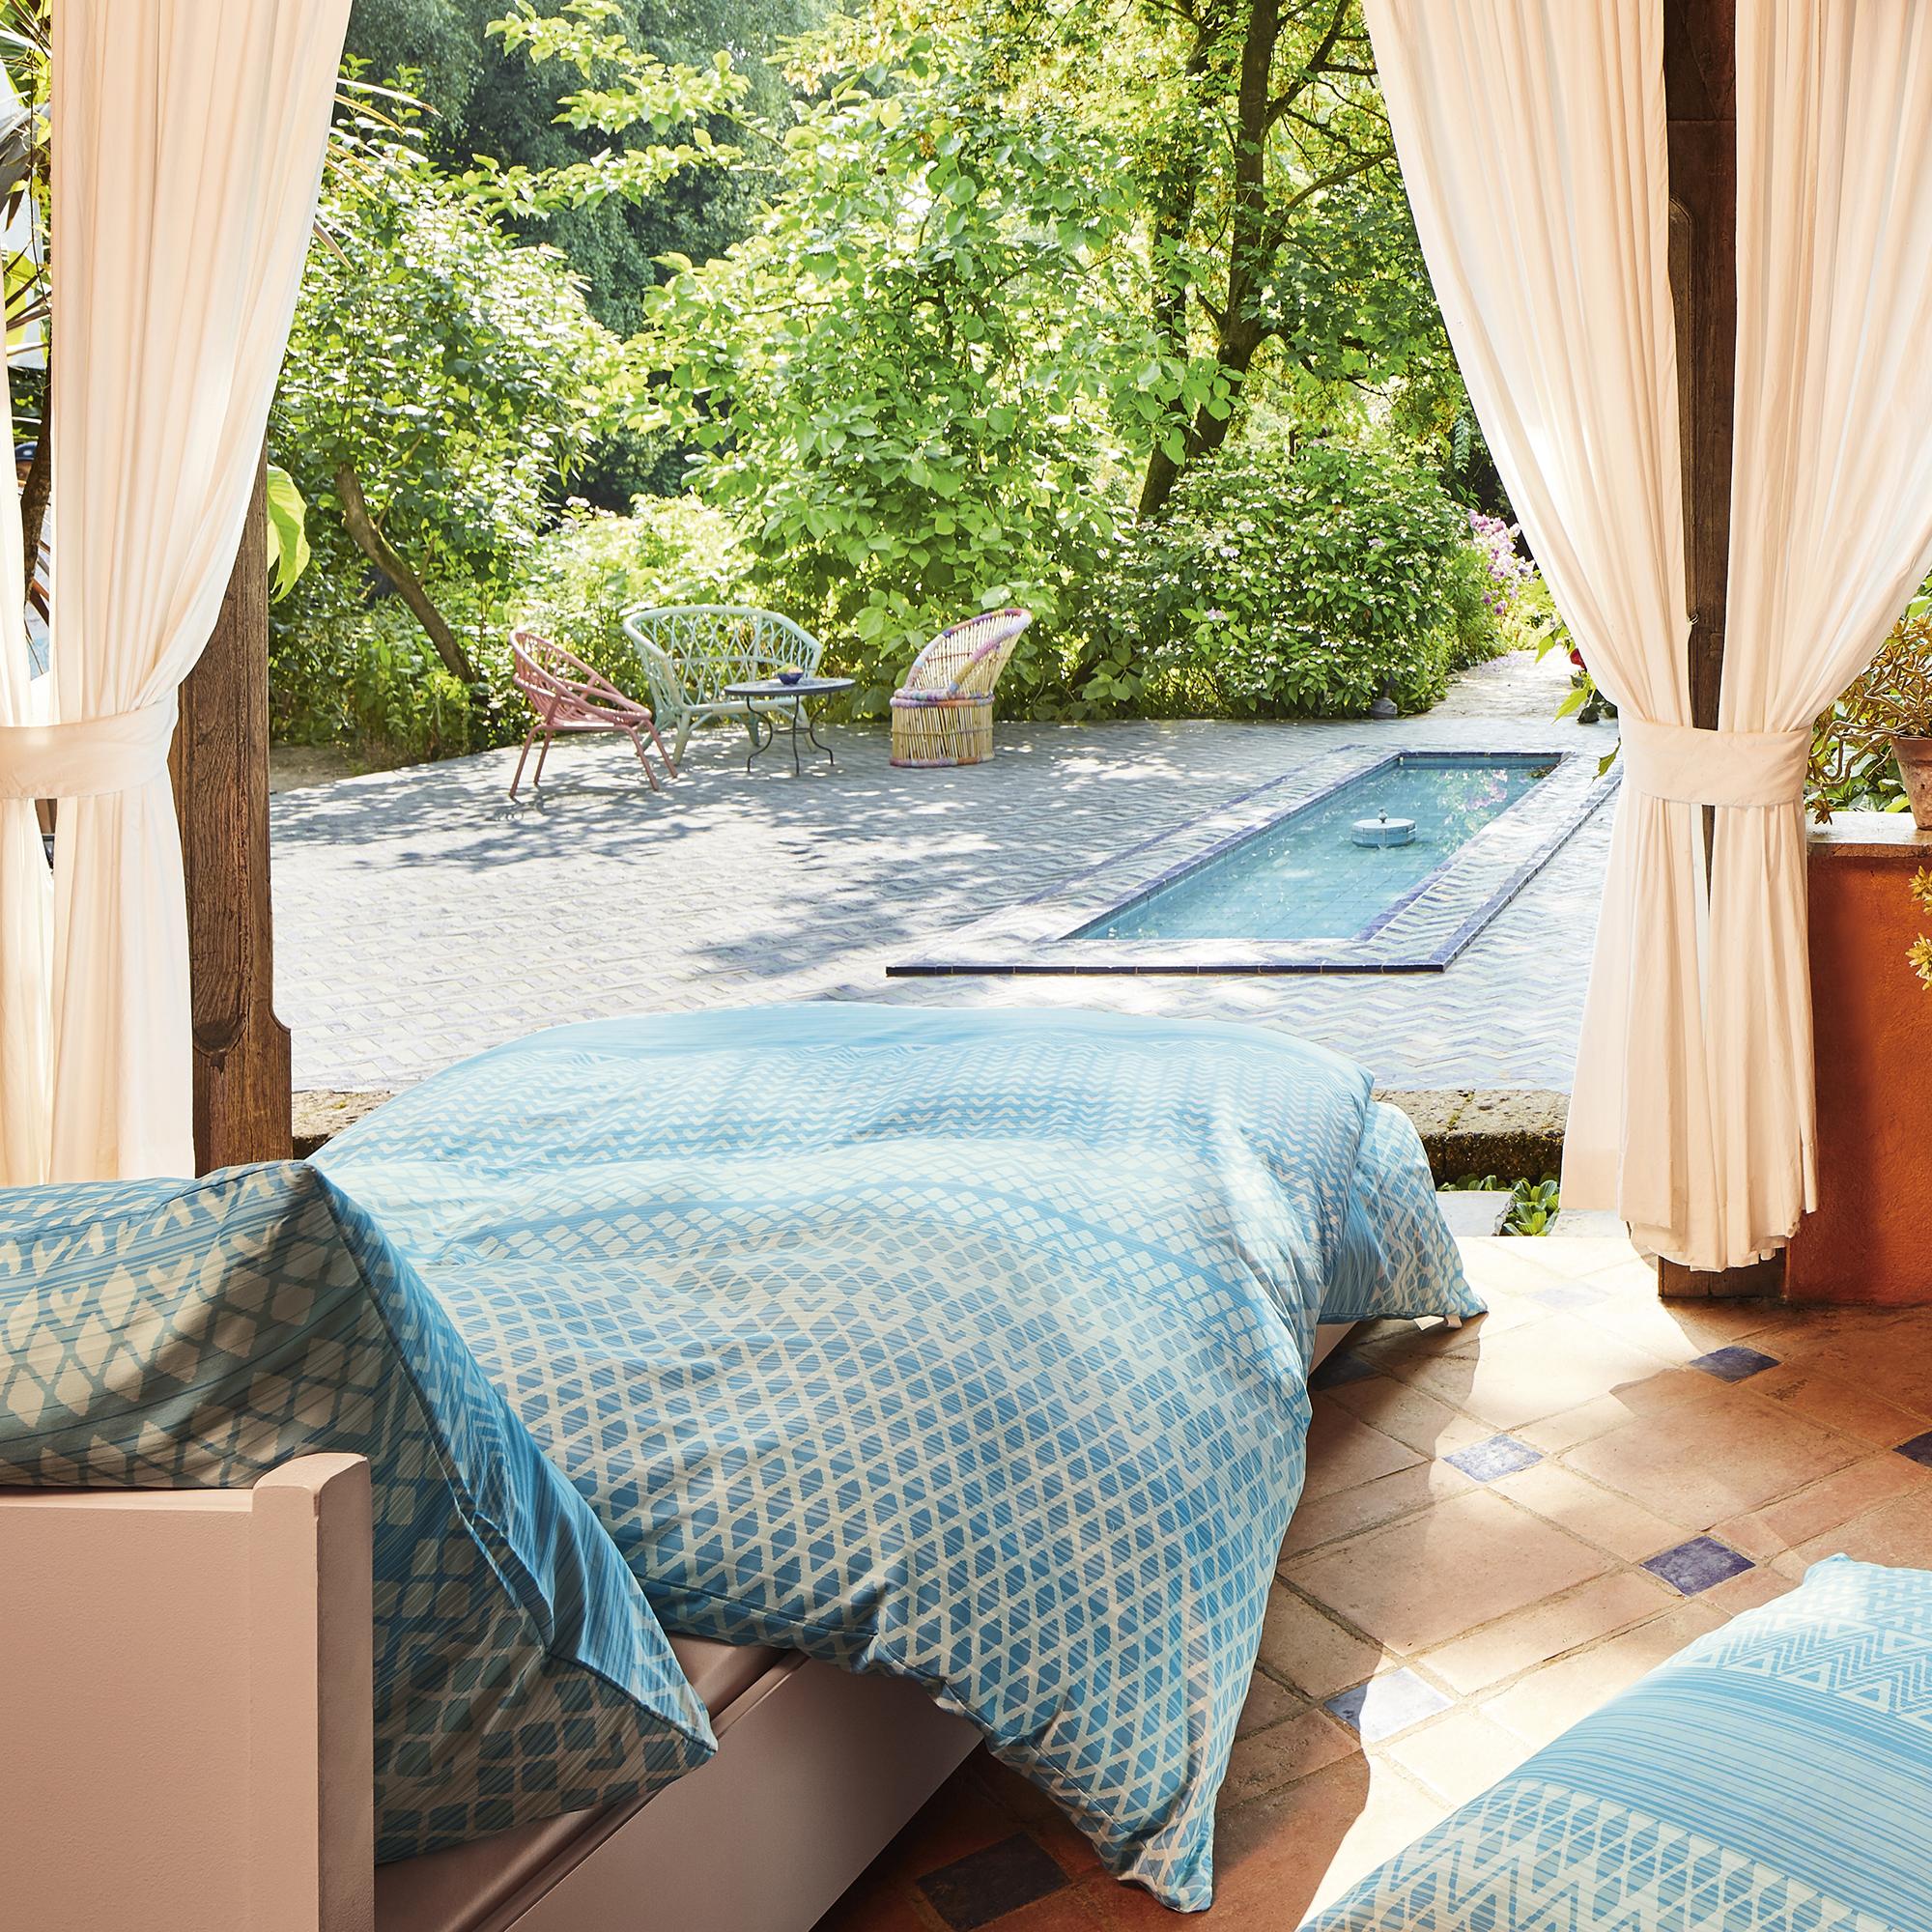 ibena bettw sche serang 135x200 cm satinbettw sche 100. Black Bedroom Furniture Sets. Home Design Ideas